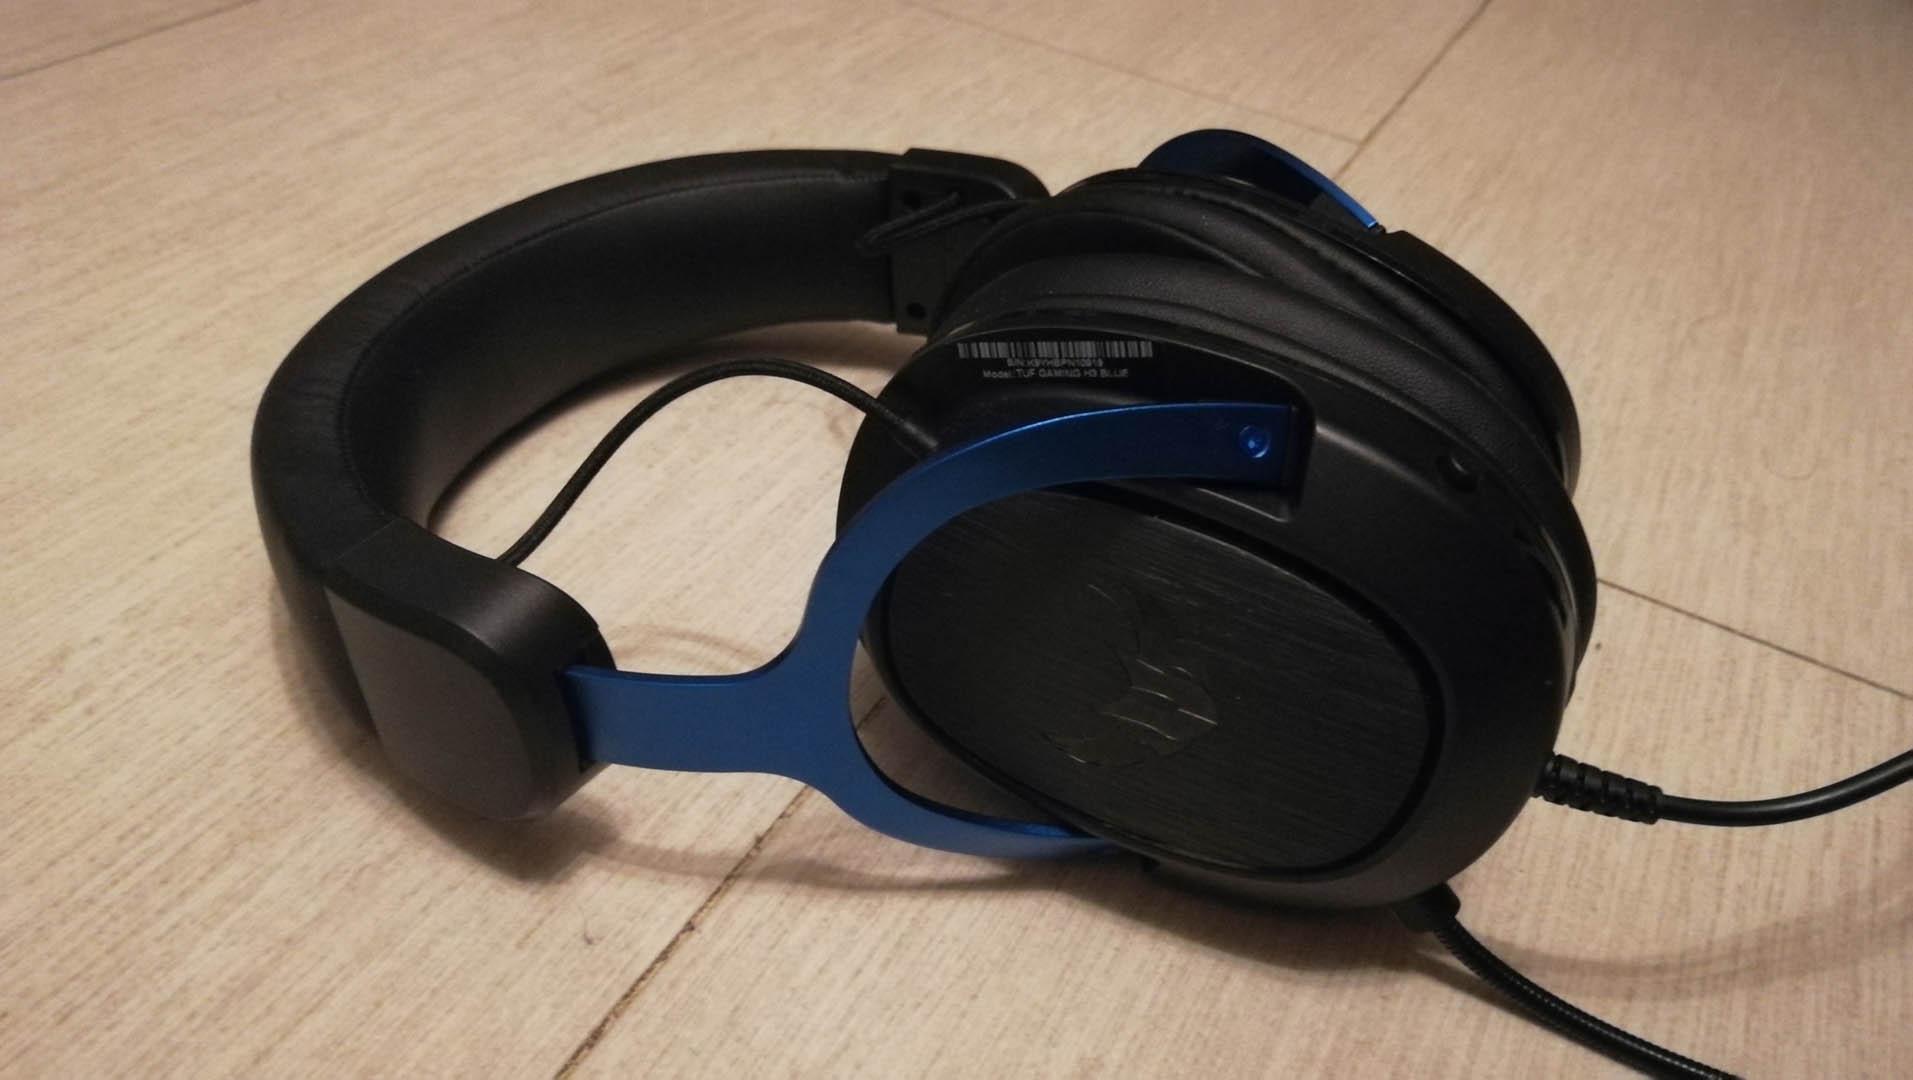 Recensione Asus TUF Gaming H3: bassi potenti e audio virtuale a 7.1 canali 5